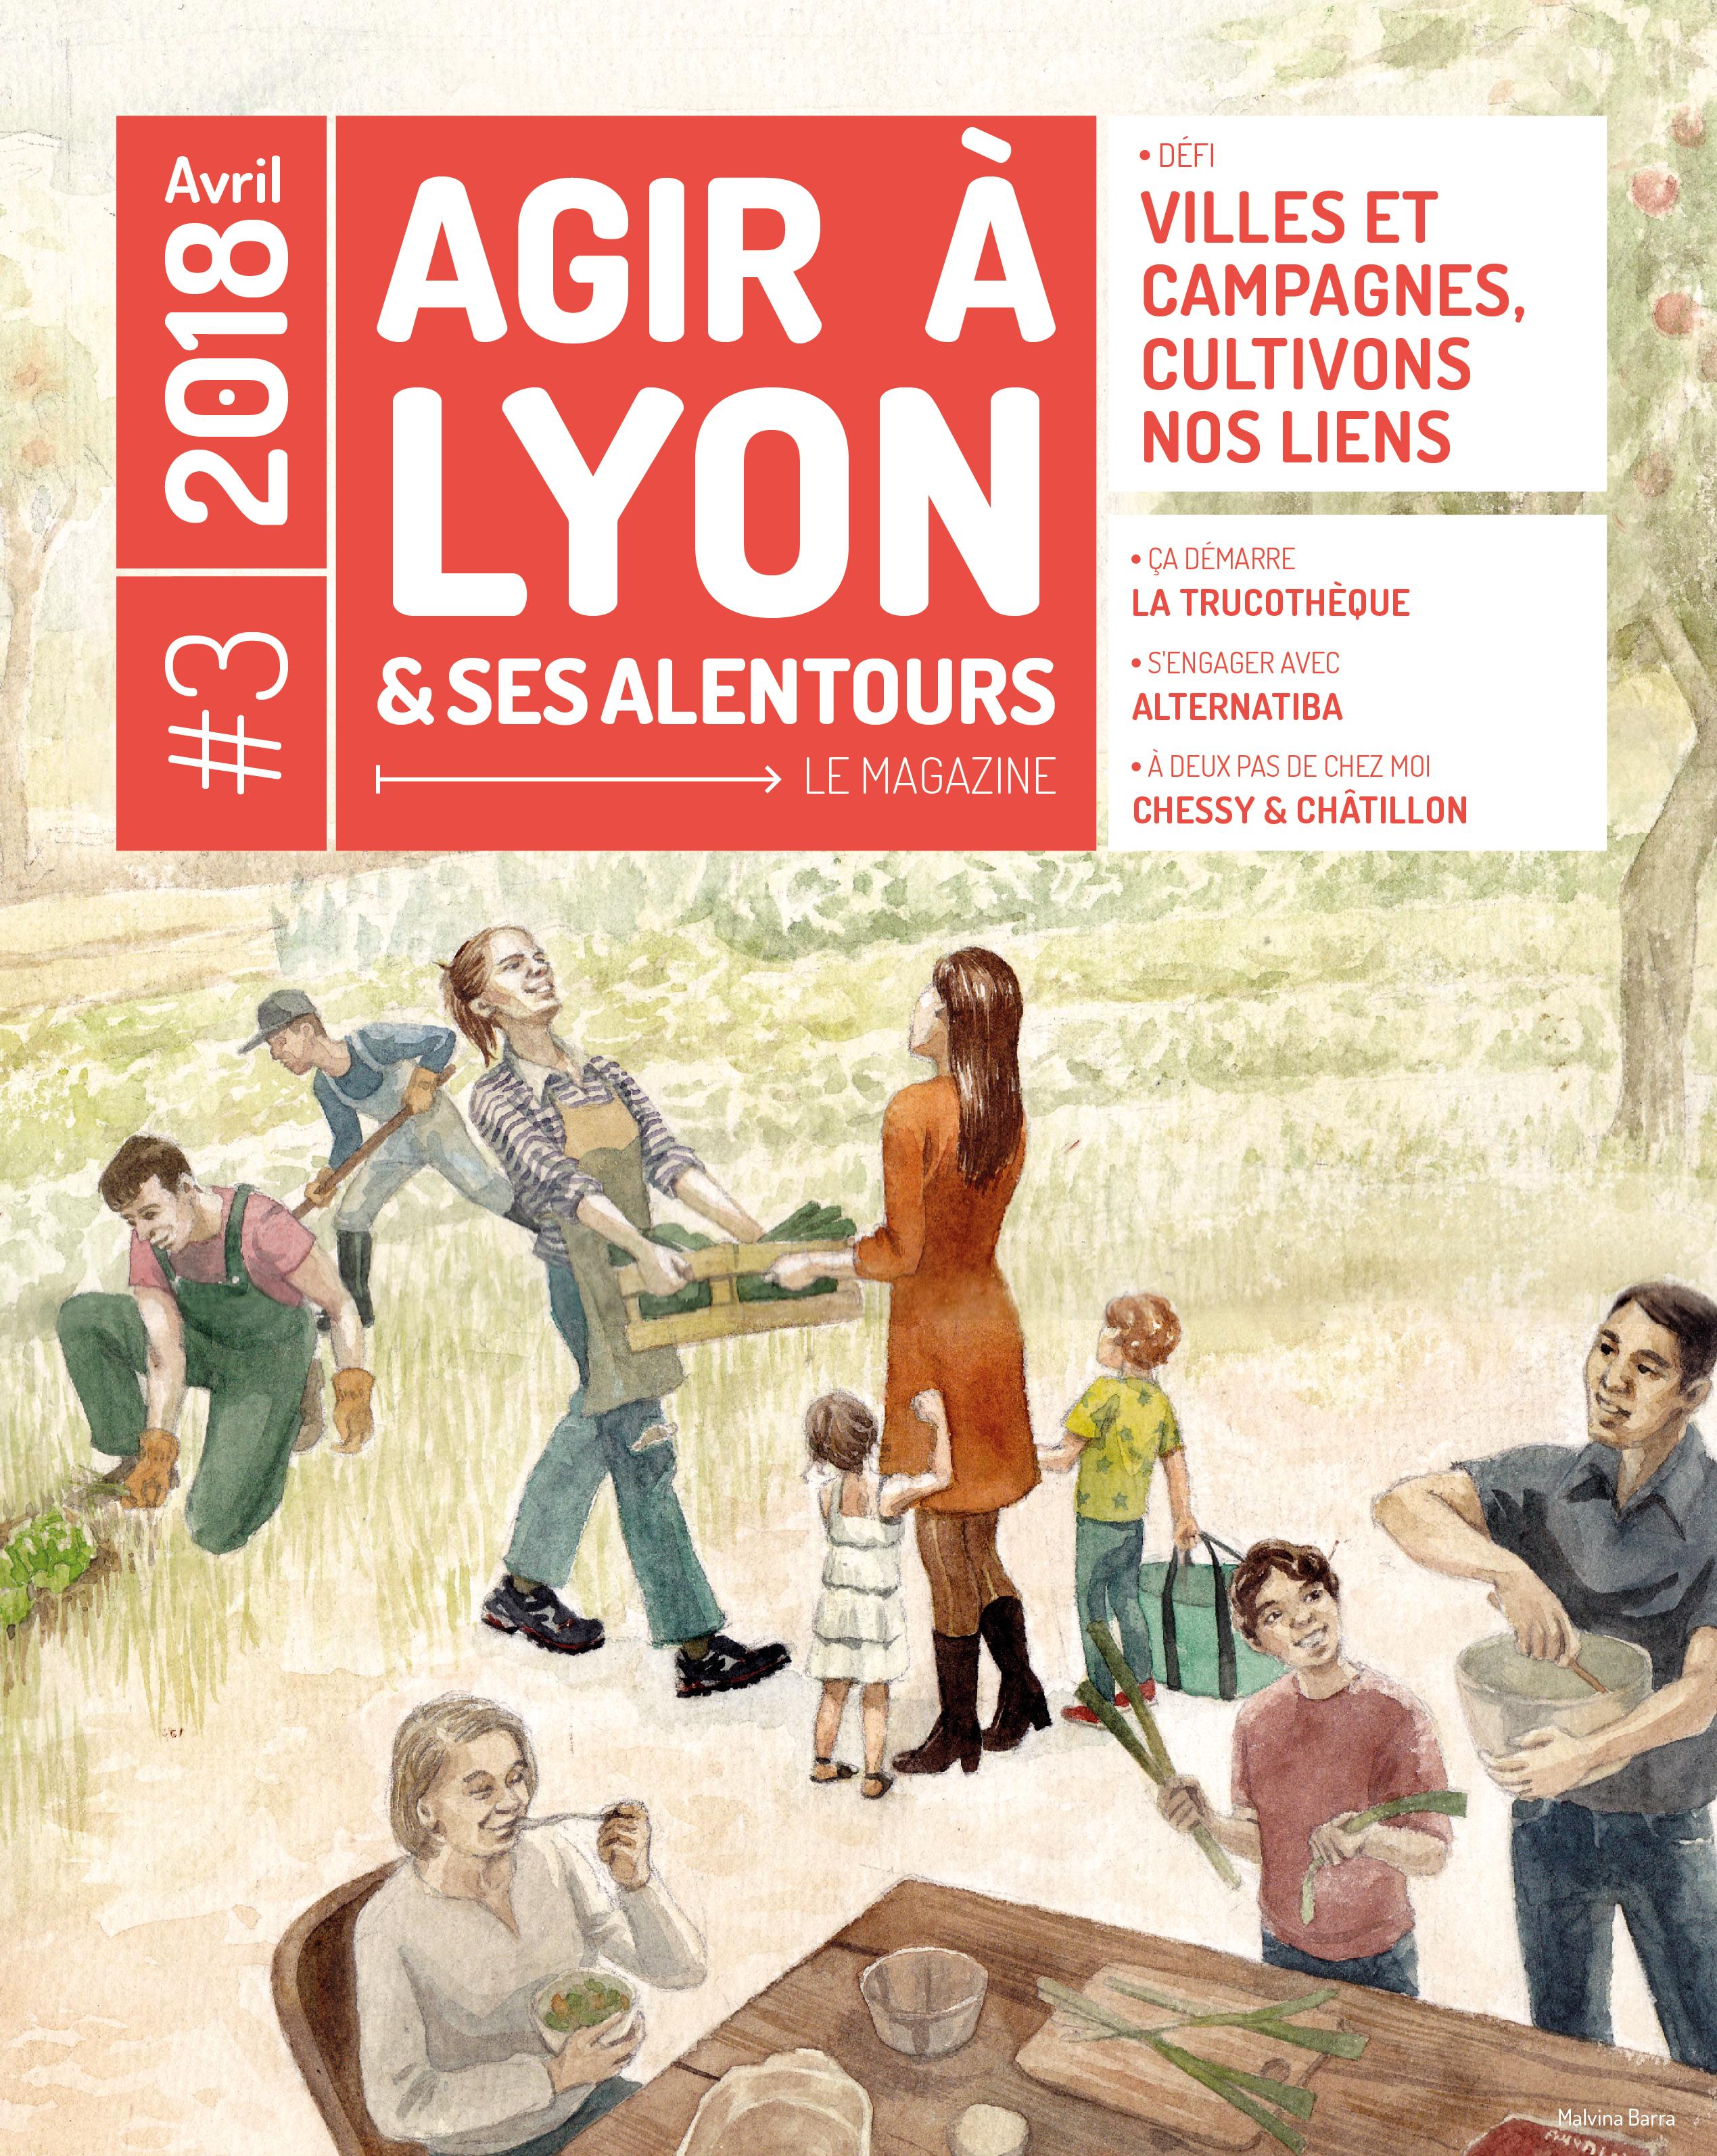 Magazine Agir à Lyon et ses alentours, numéro 3